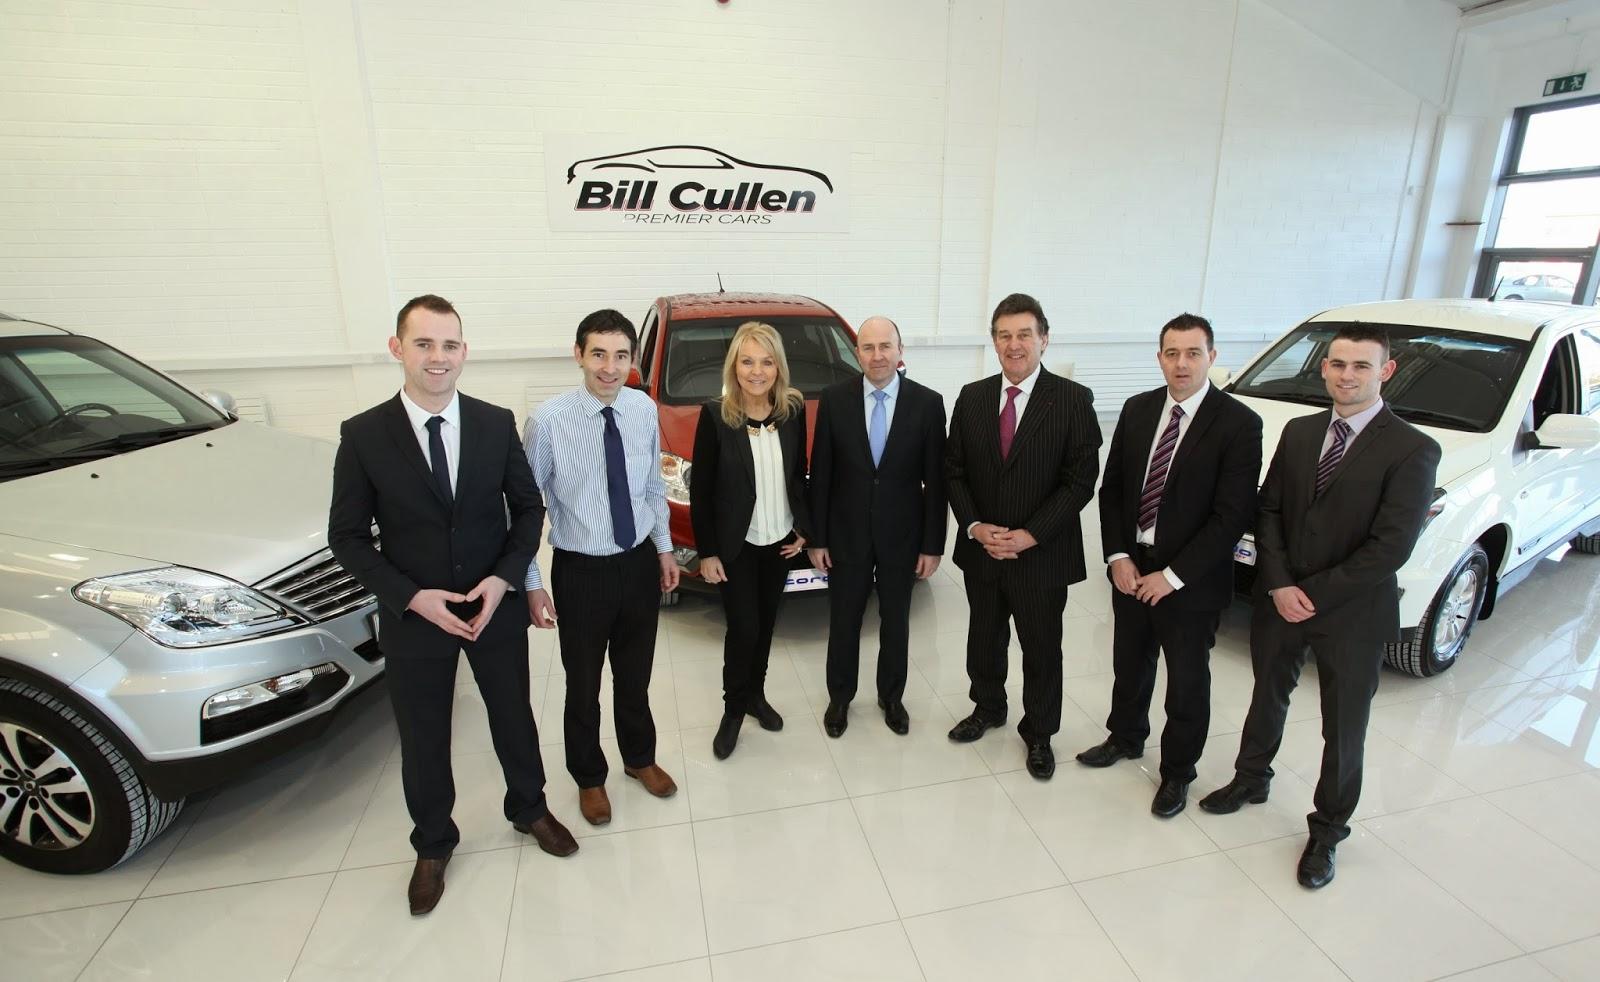 Irish Car Travel Magazine Bill Cullen Off To A Flying